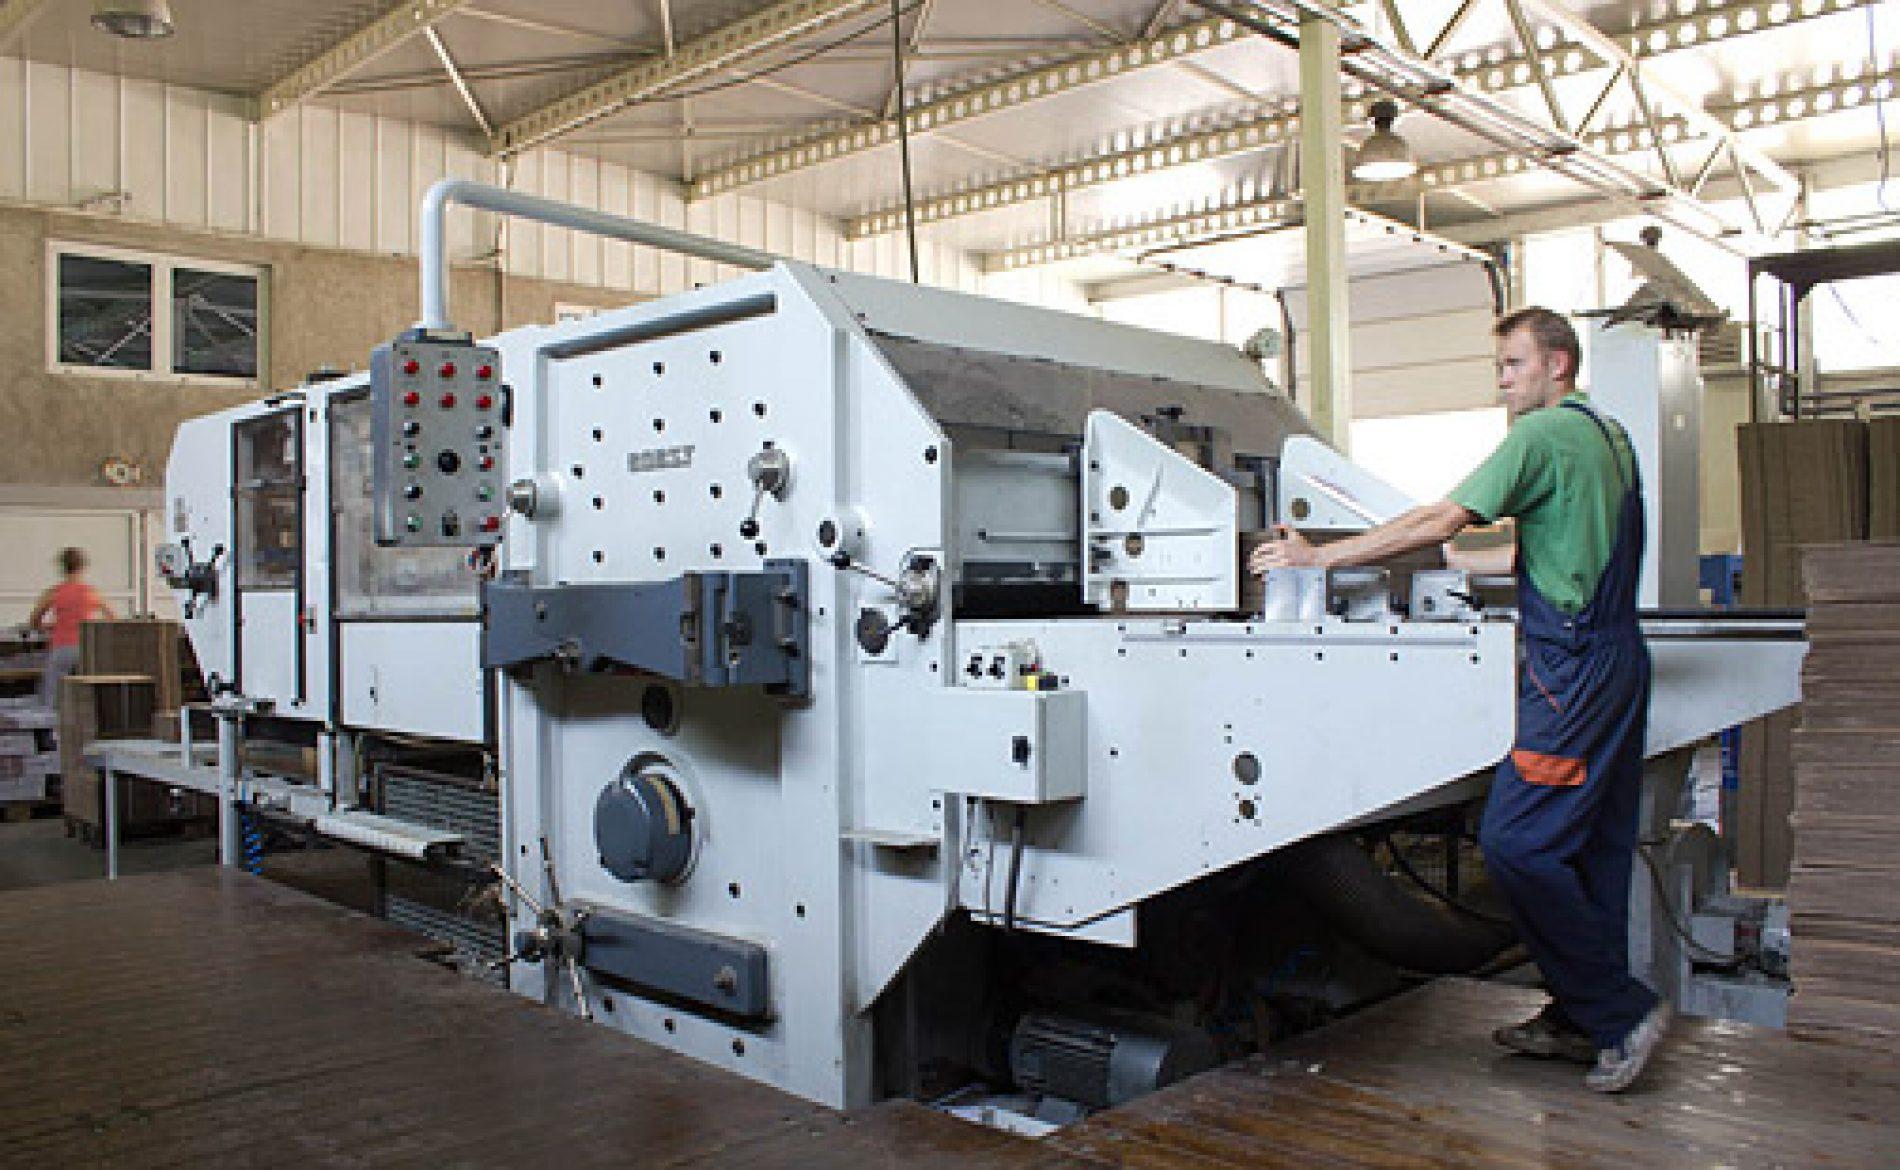 Industrijska proizvodnja u Bosni i Hercegovini narasla za 3,1 posto